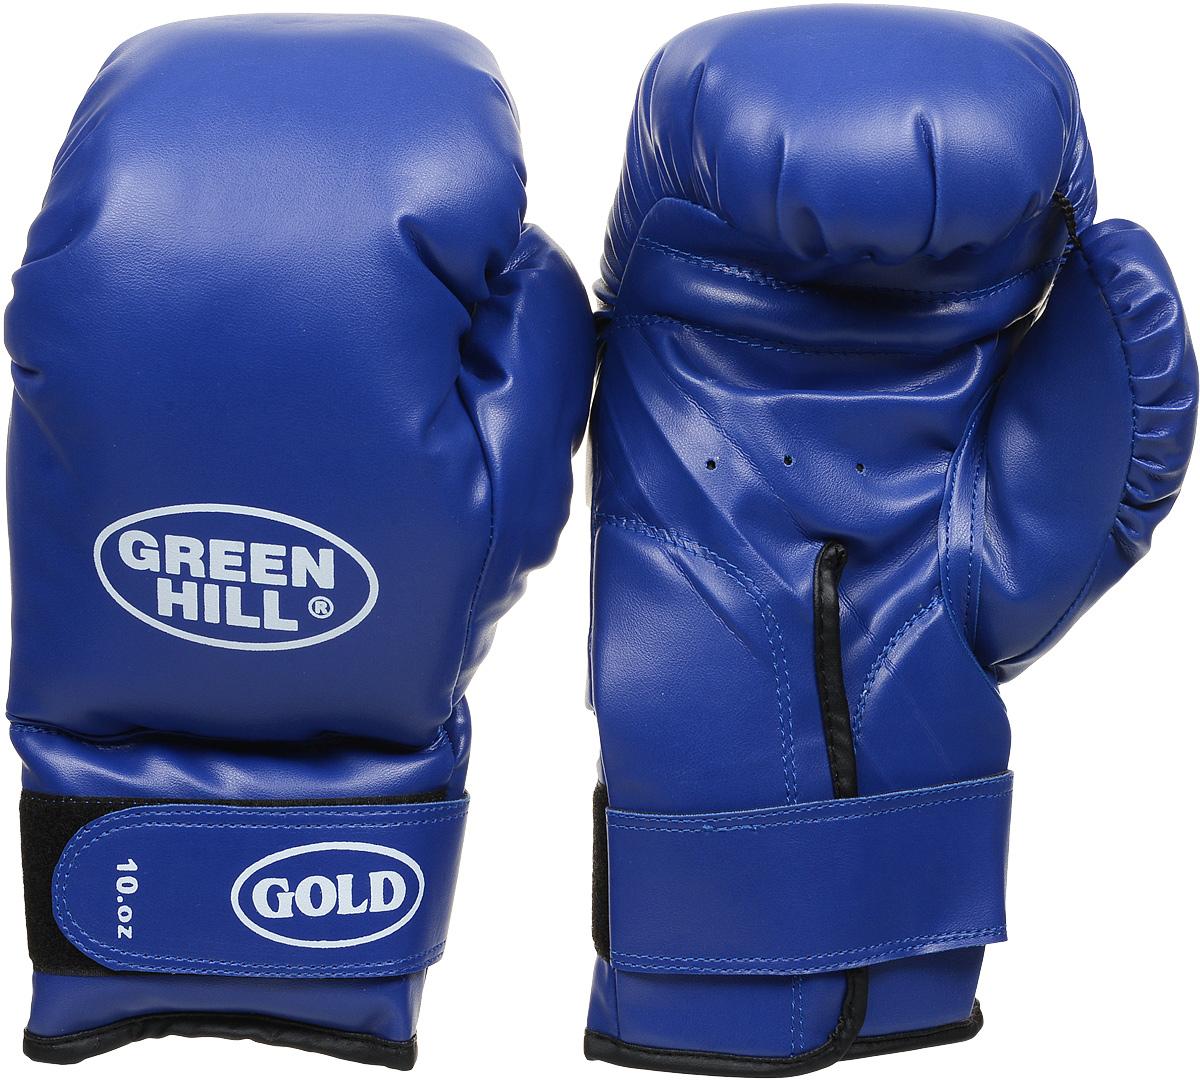 Перчатки боксерские Green Hill Gold, цвет: синий. Вес 10 унций перчатки боксерские green hill force цвет красный белый вес 10 унций bgf 1215